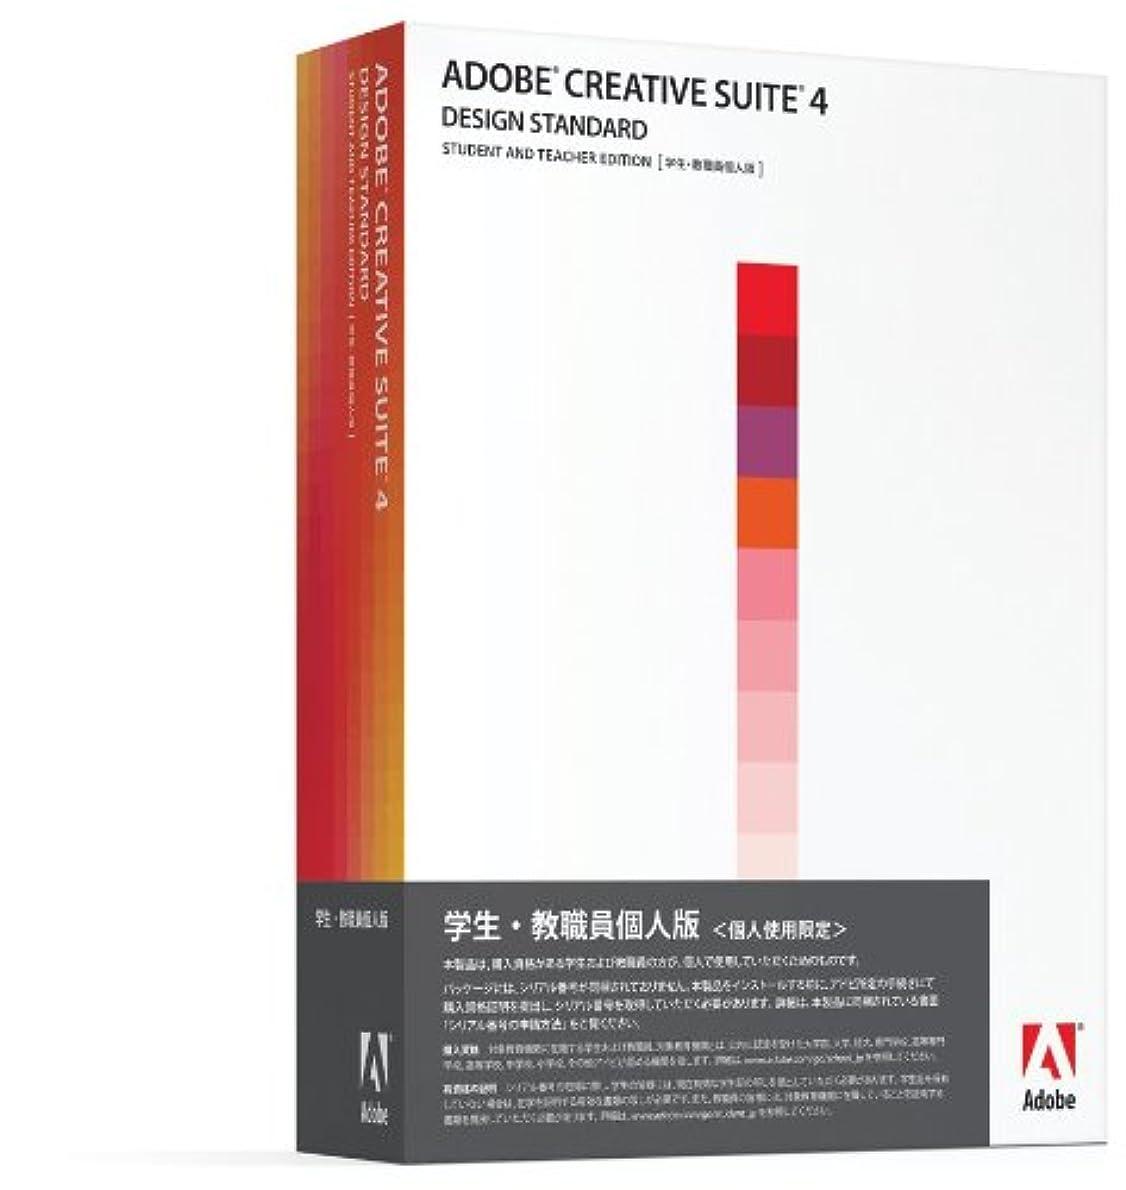 ヤギ解き明かす用心する学生?教職員個人版 Adobe Creative Suite 4 日本語版 Design Standard Windows版 (要シリアル番号申請)